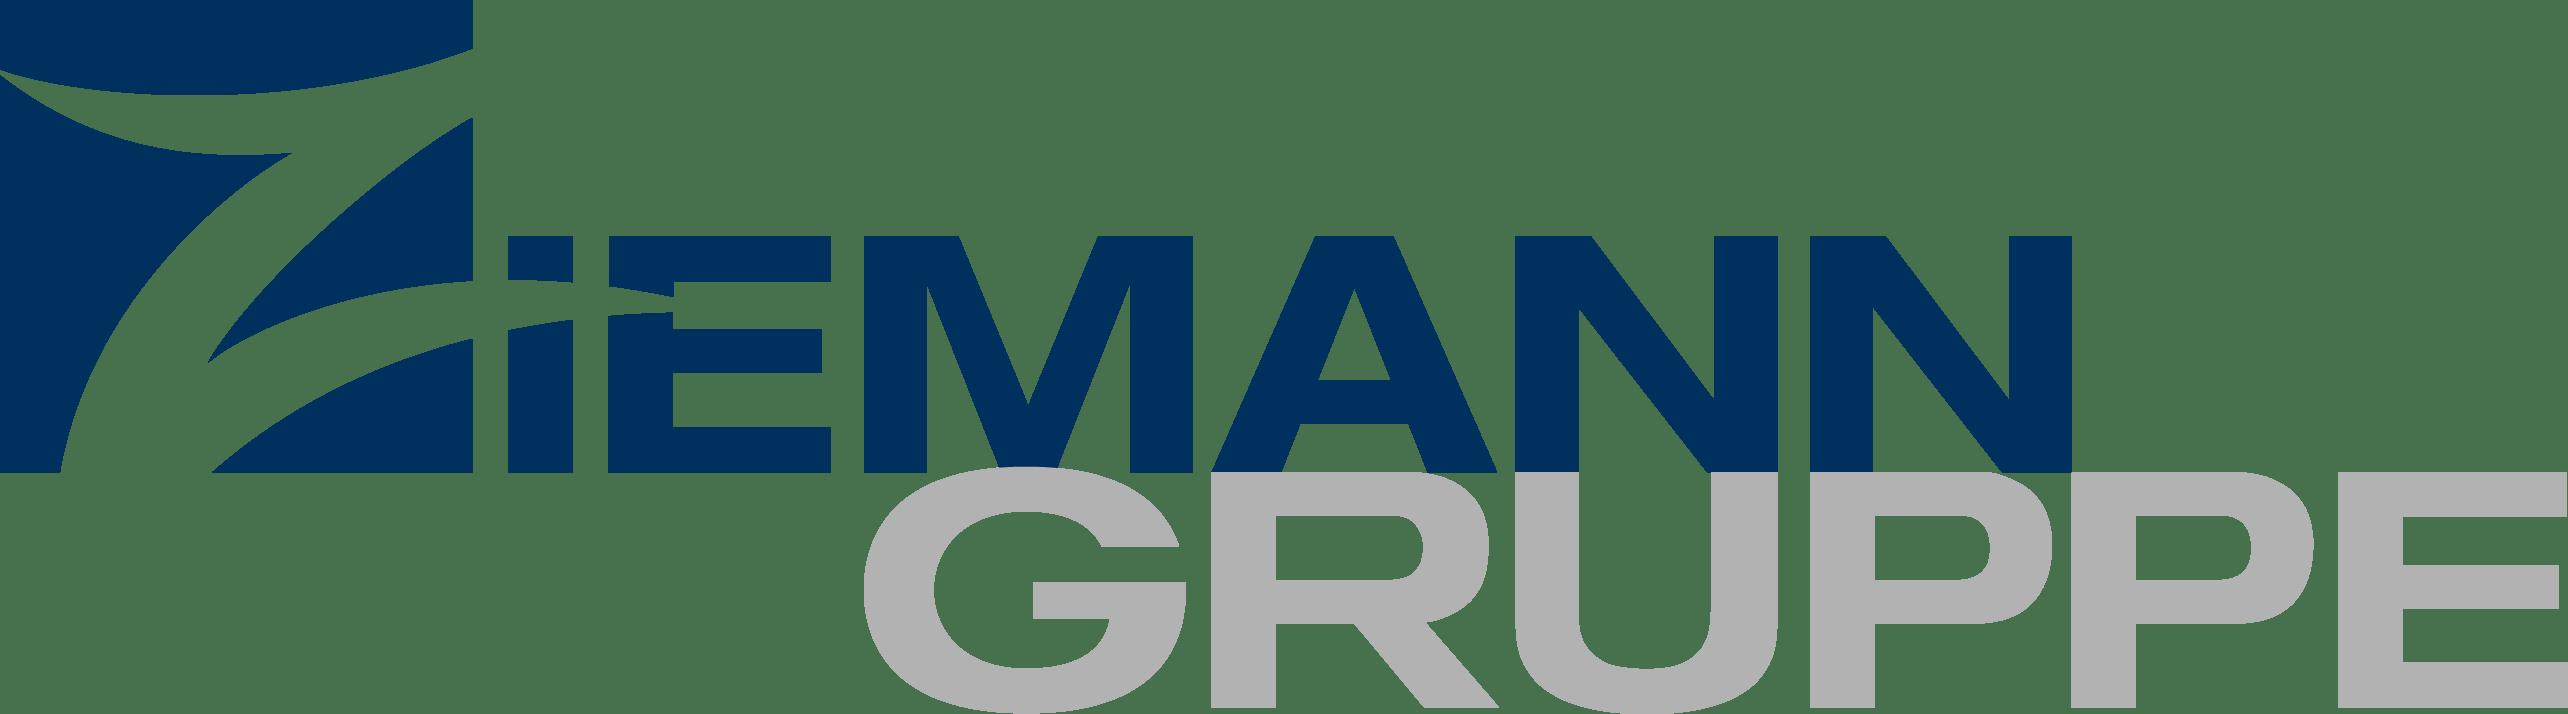 Ziemann Gruppe Logo